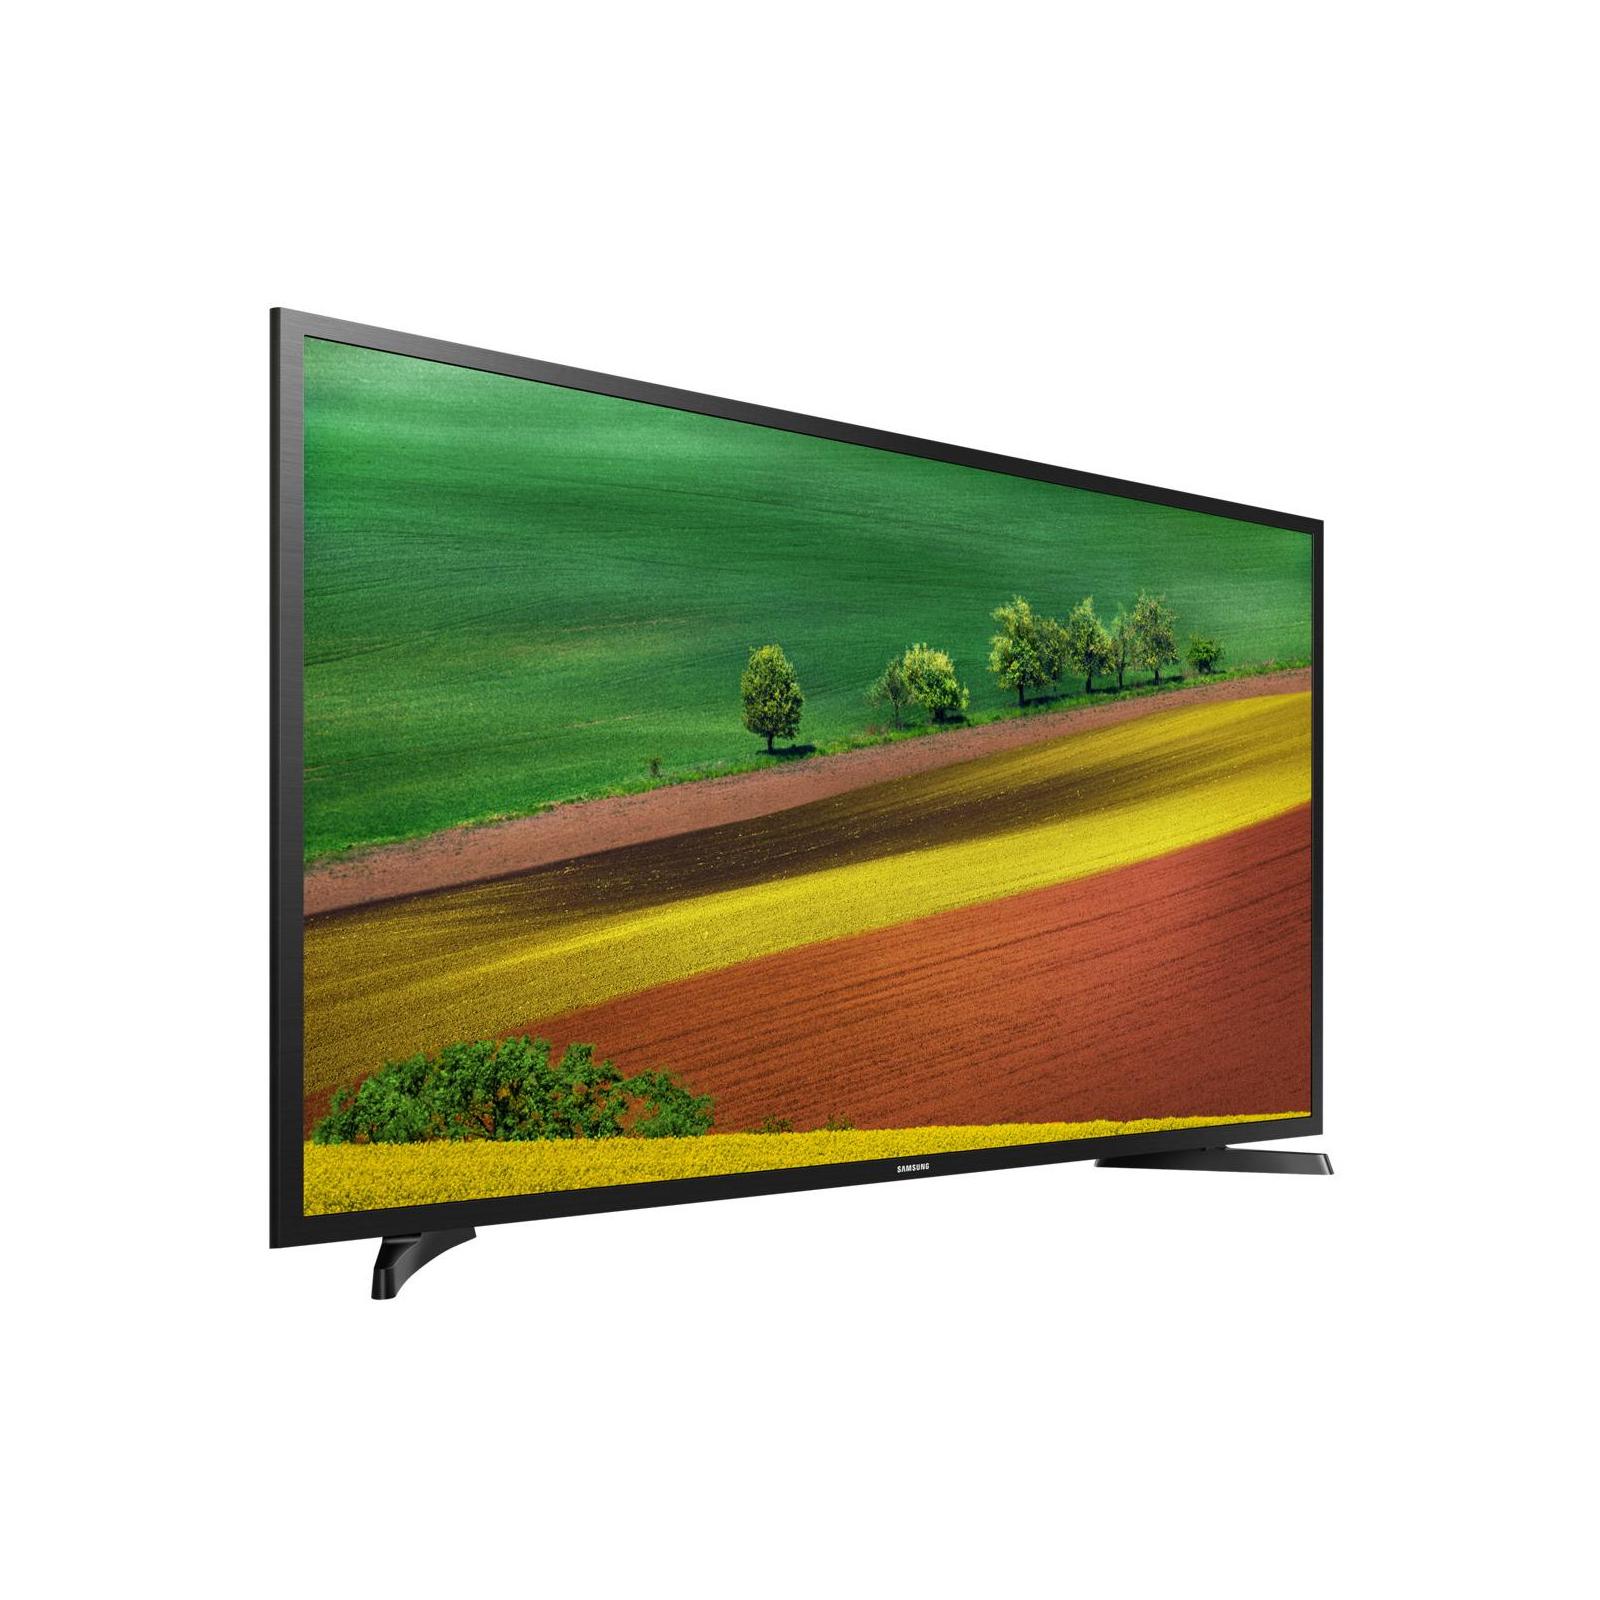 Телевизор Samsung UE32N4000AUXUA изображение 2